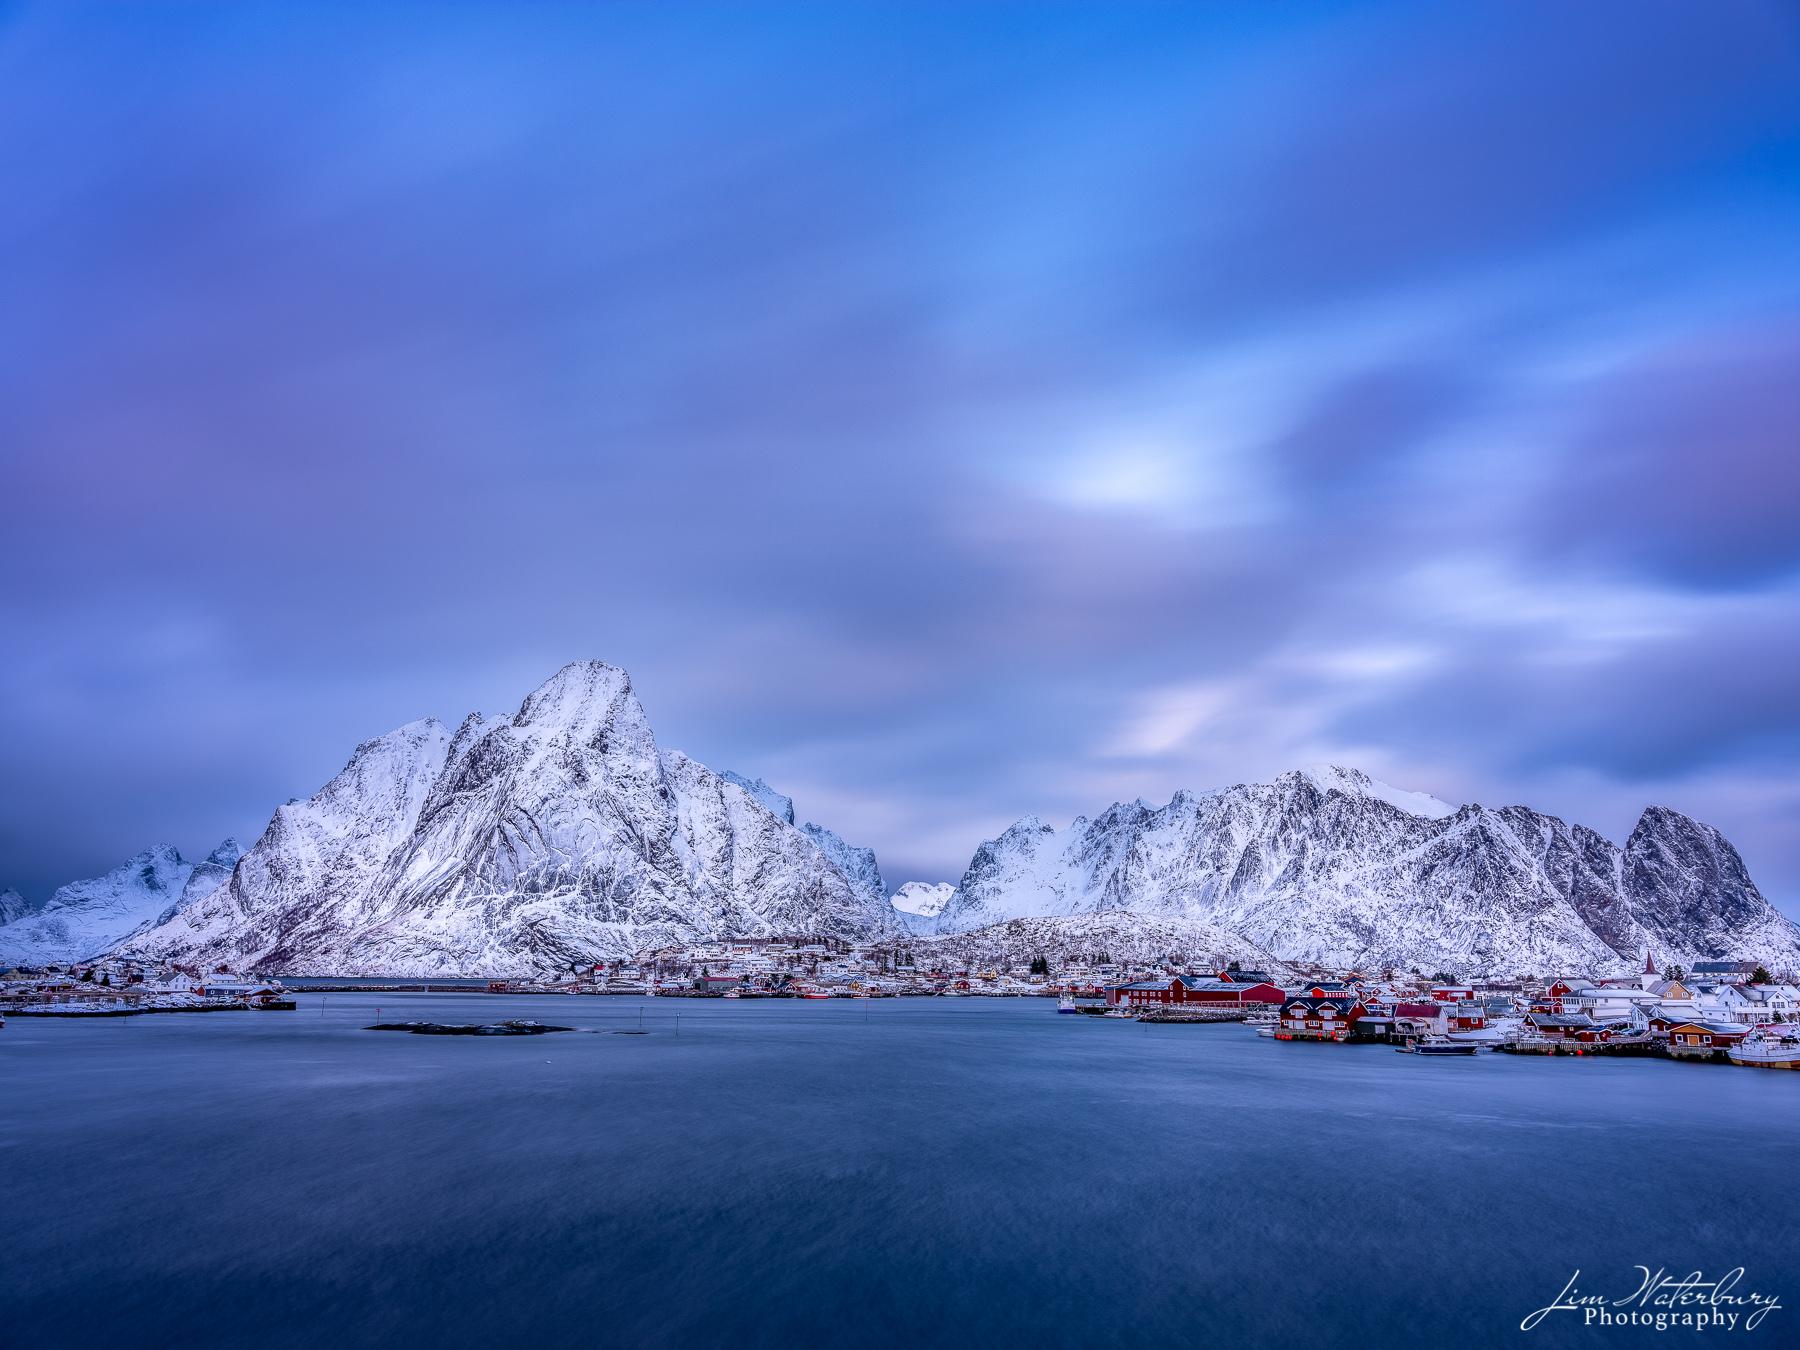 Reine, winter, Lofoten, Norway, dusk, photo